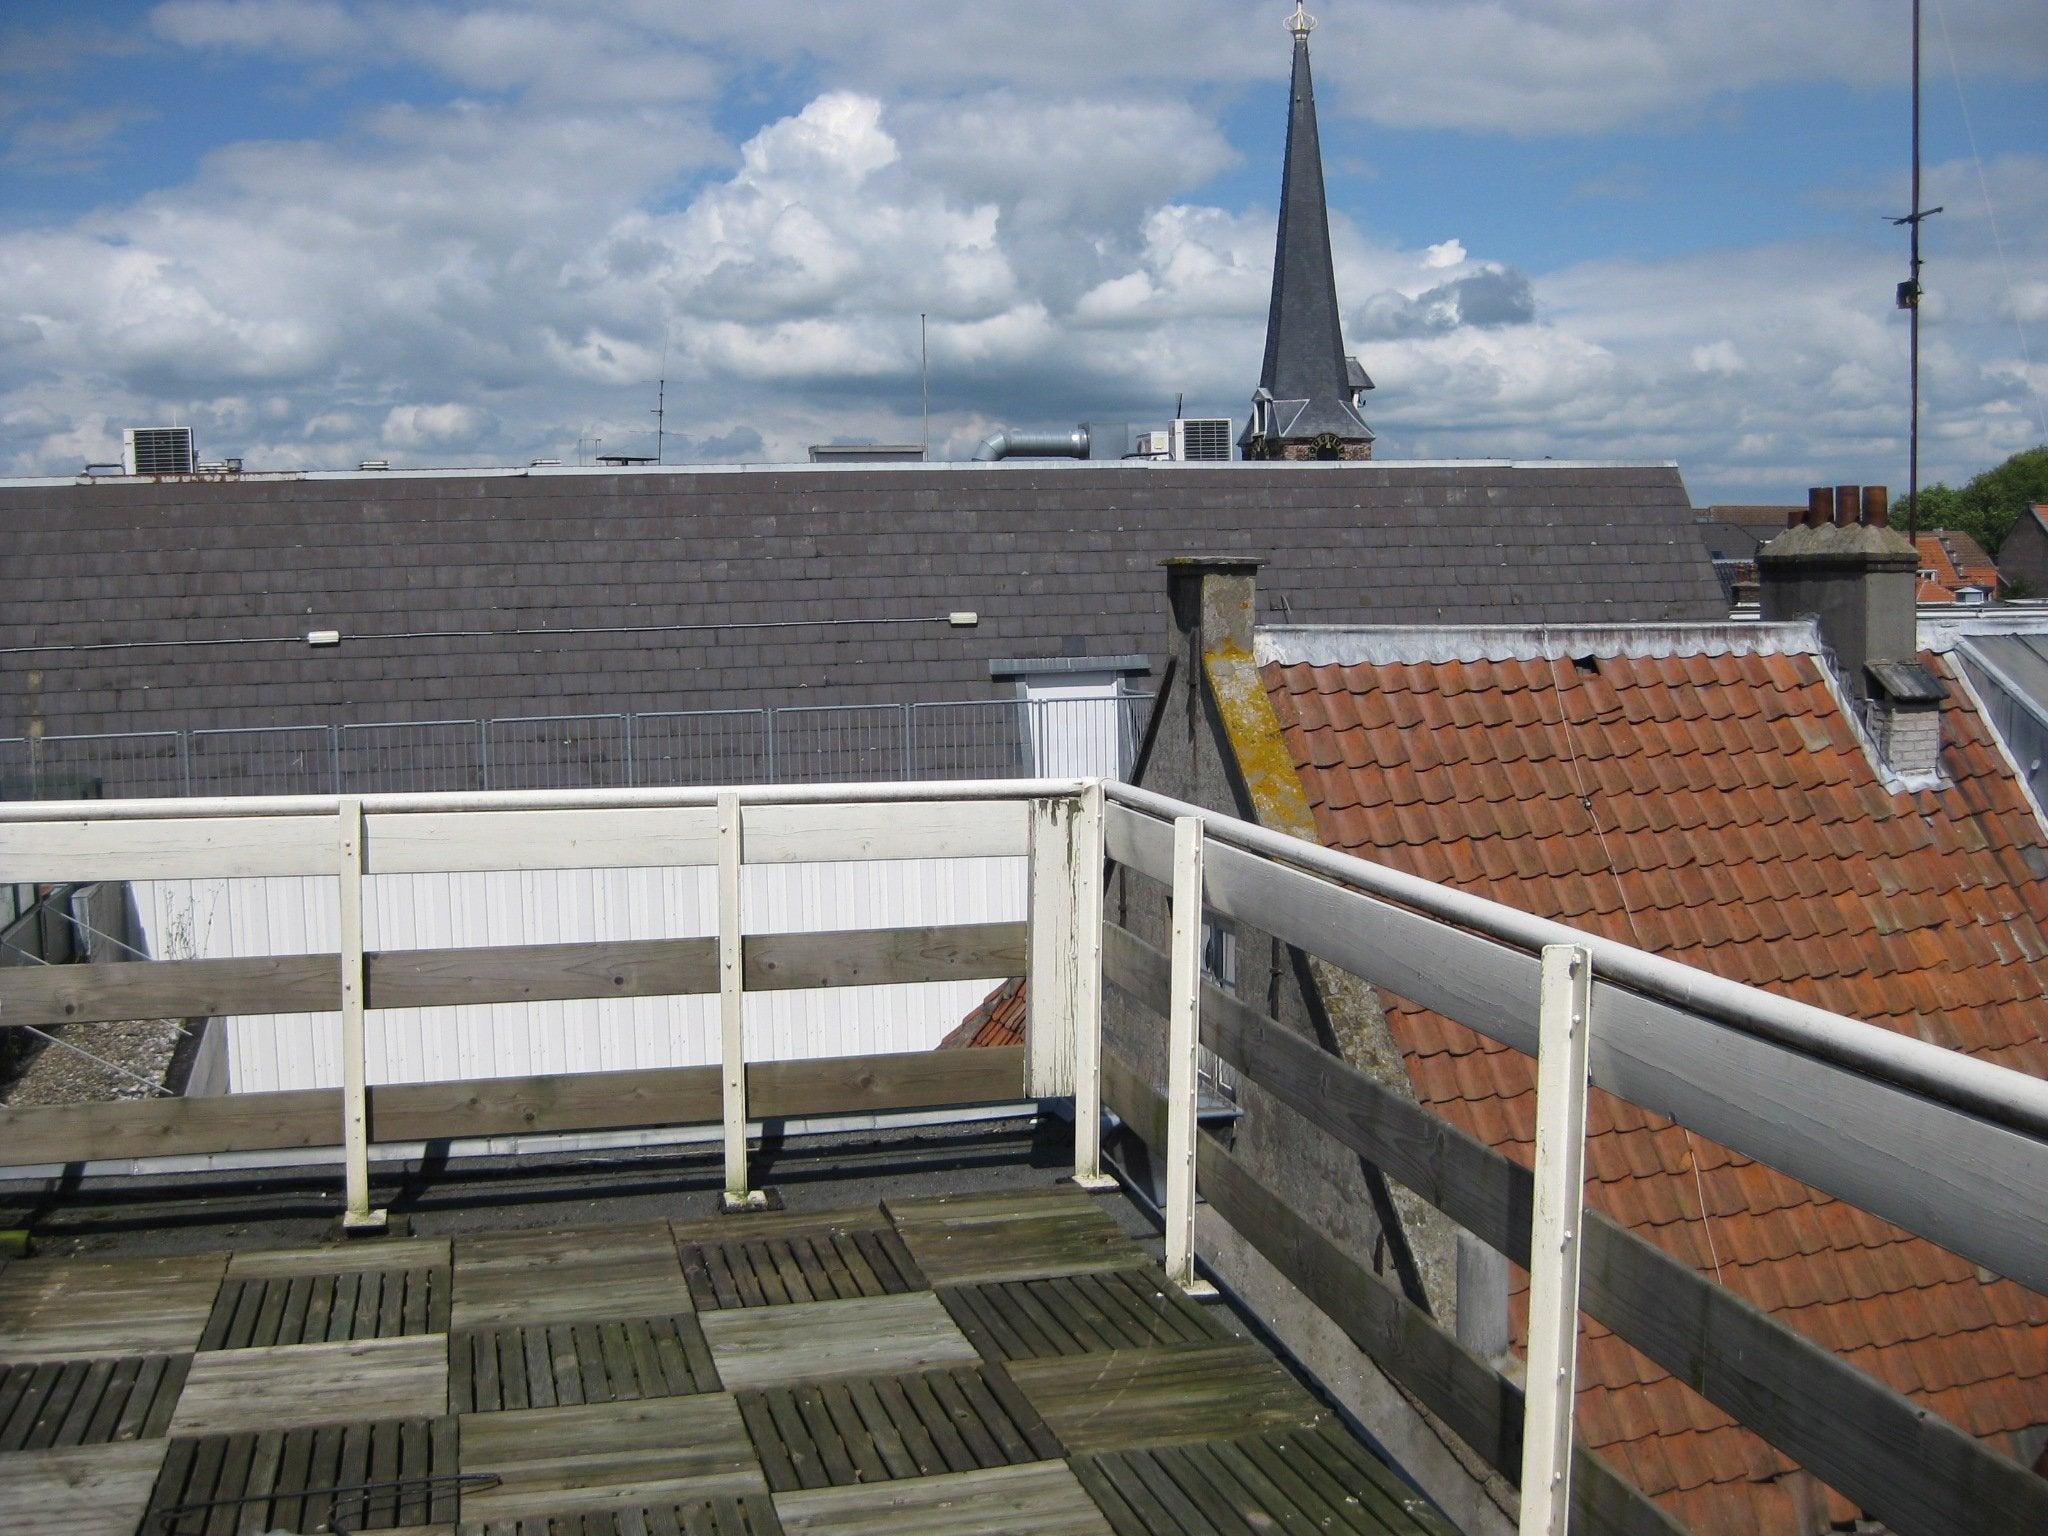 Gasthuisstraat, Gorinchem